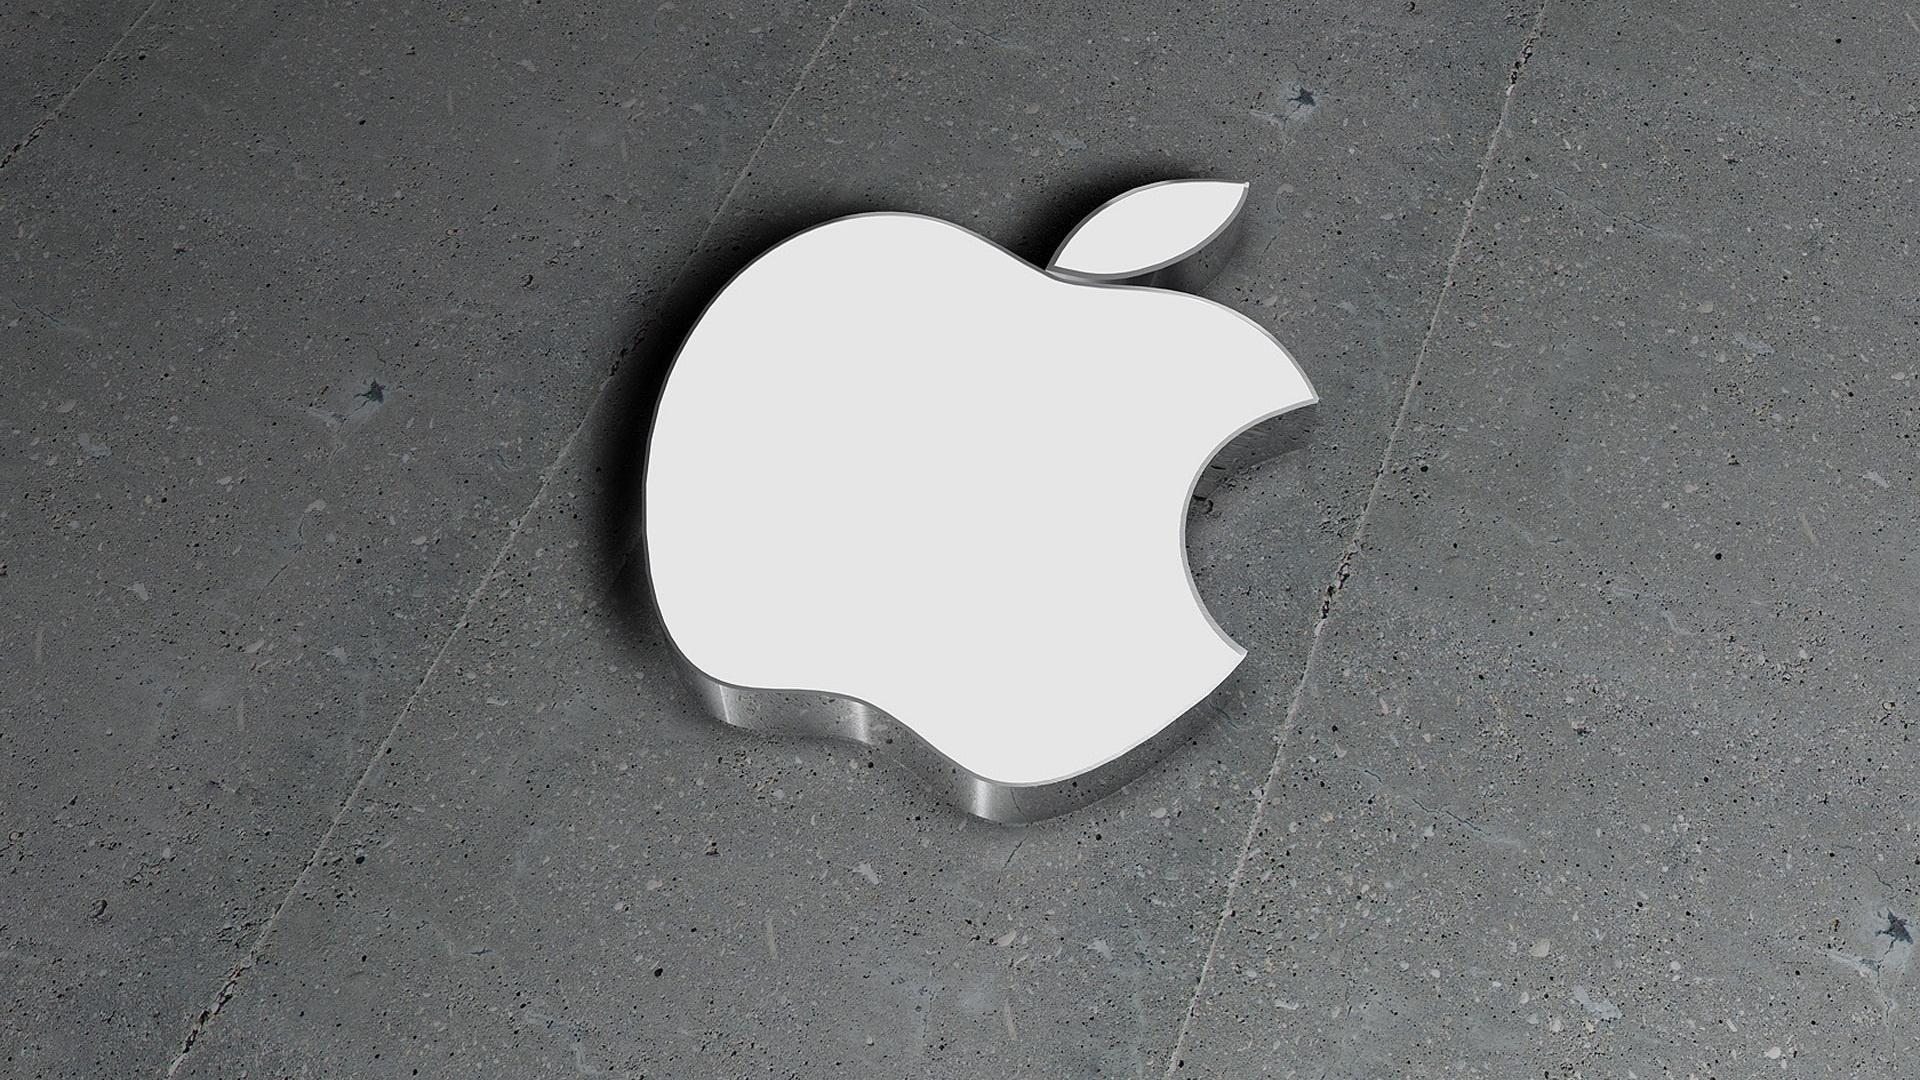 Apple continúa entre las empresas más valiosas del mundo 2